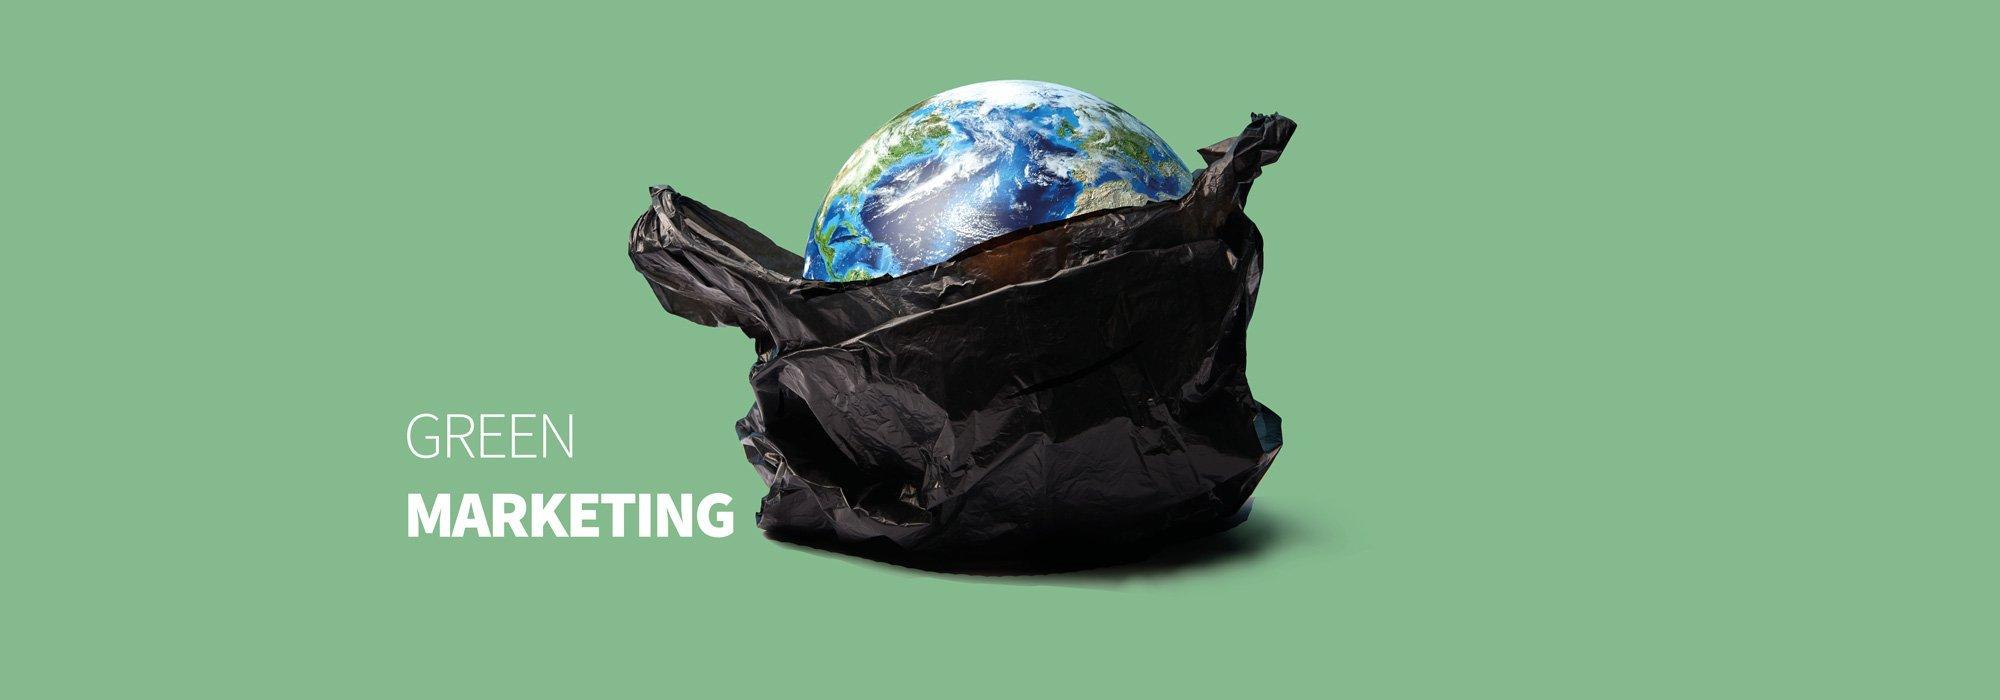 Green marketing: packaging e comunicazione sostenibile per la salvaguardia del pianeta